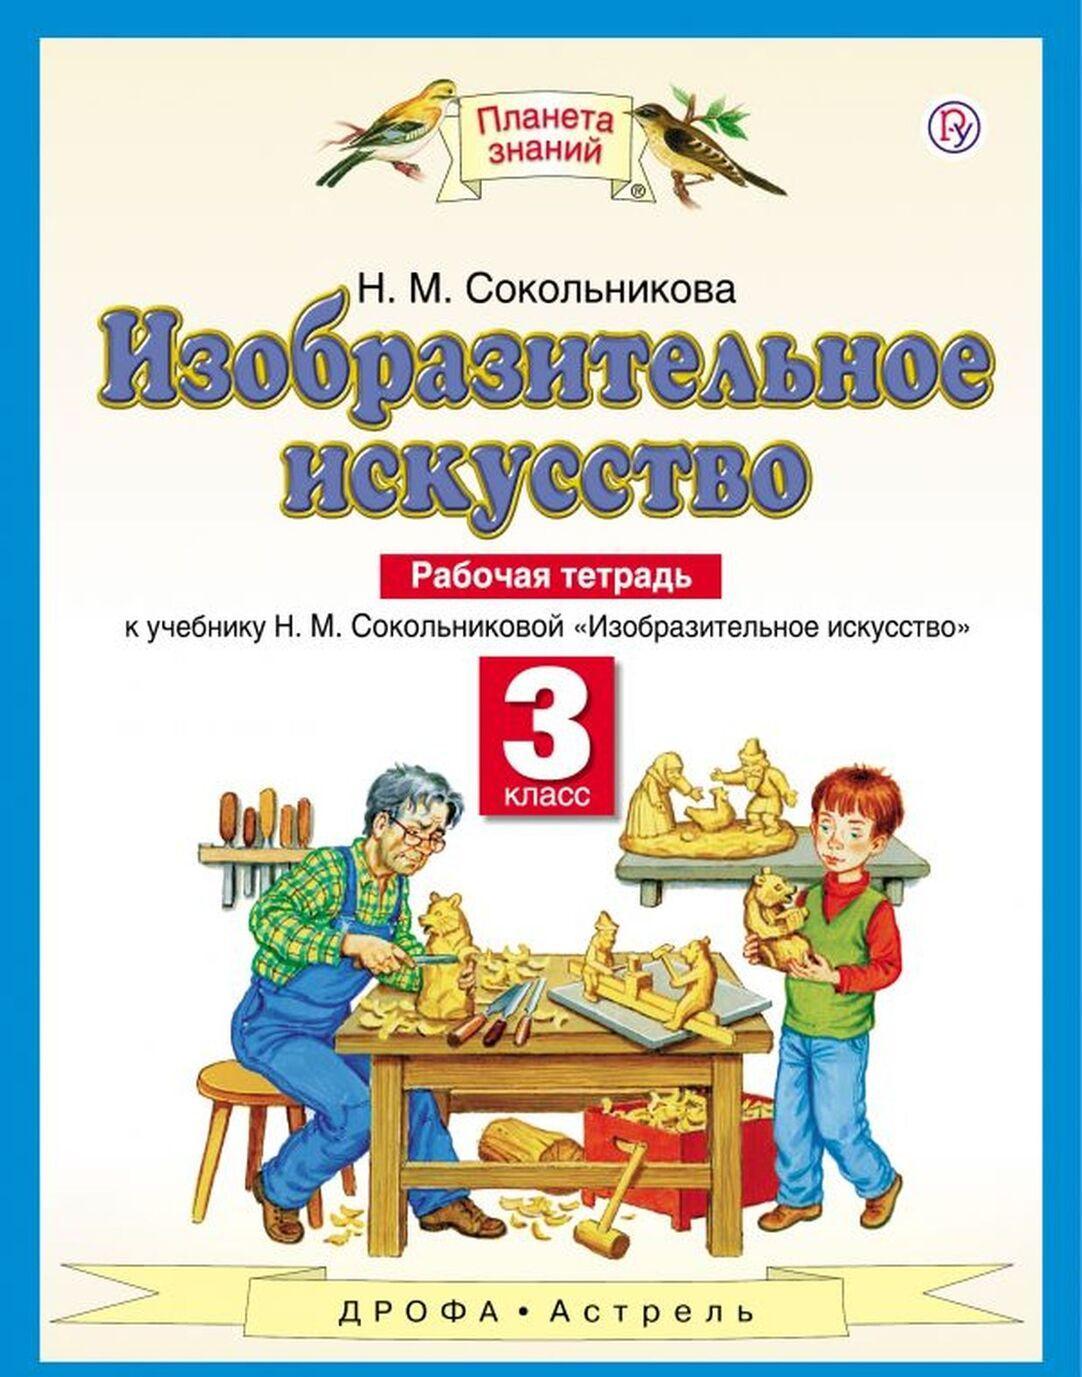 Izobrazitelnoe iskusstvo. 3 klass. Rabochaja tetrad. K uchebniku N. M. Sokolnikovoj | Sokolnikova Natalja Mikhajlovna